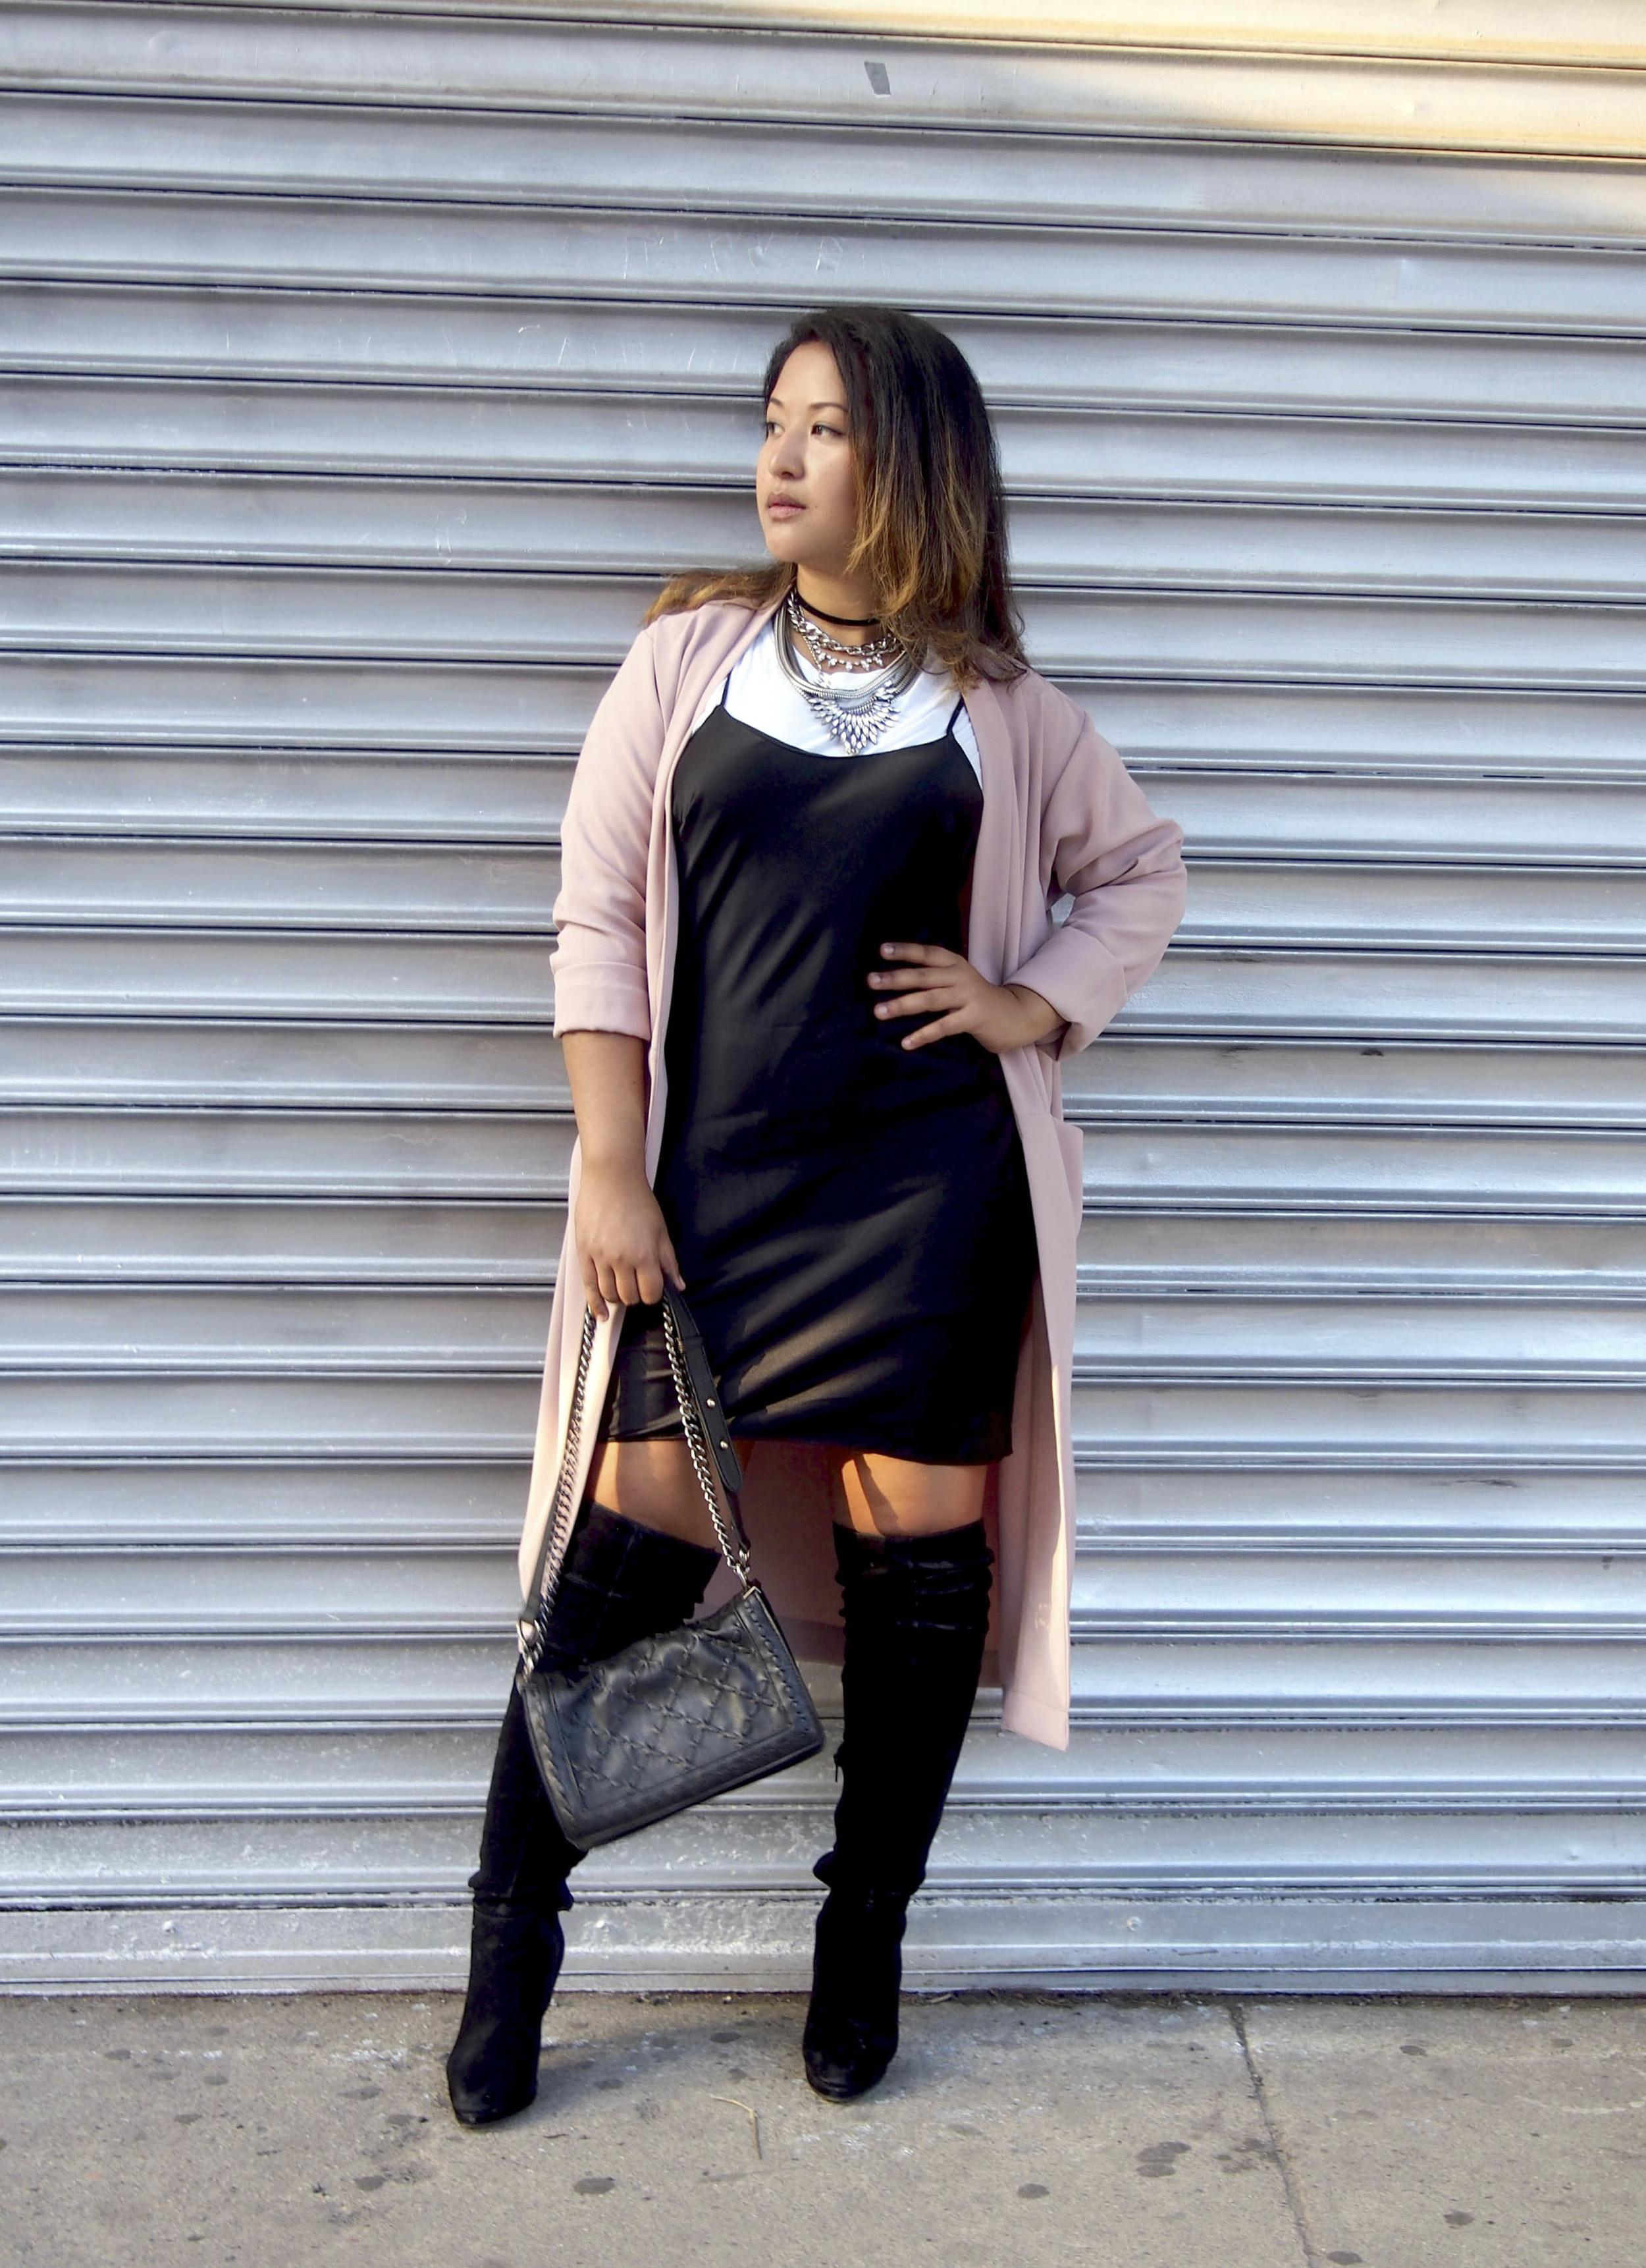 Slip Dress & Duster12.jpg